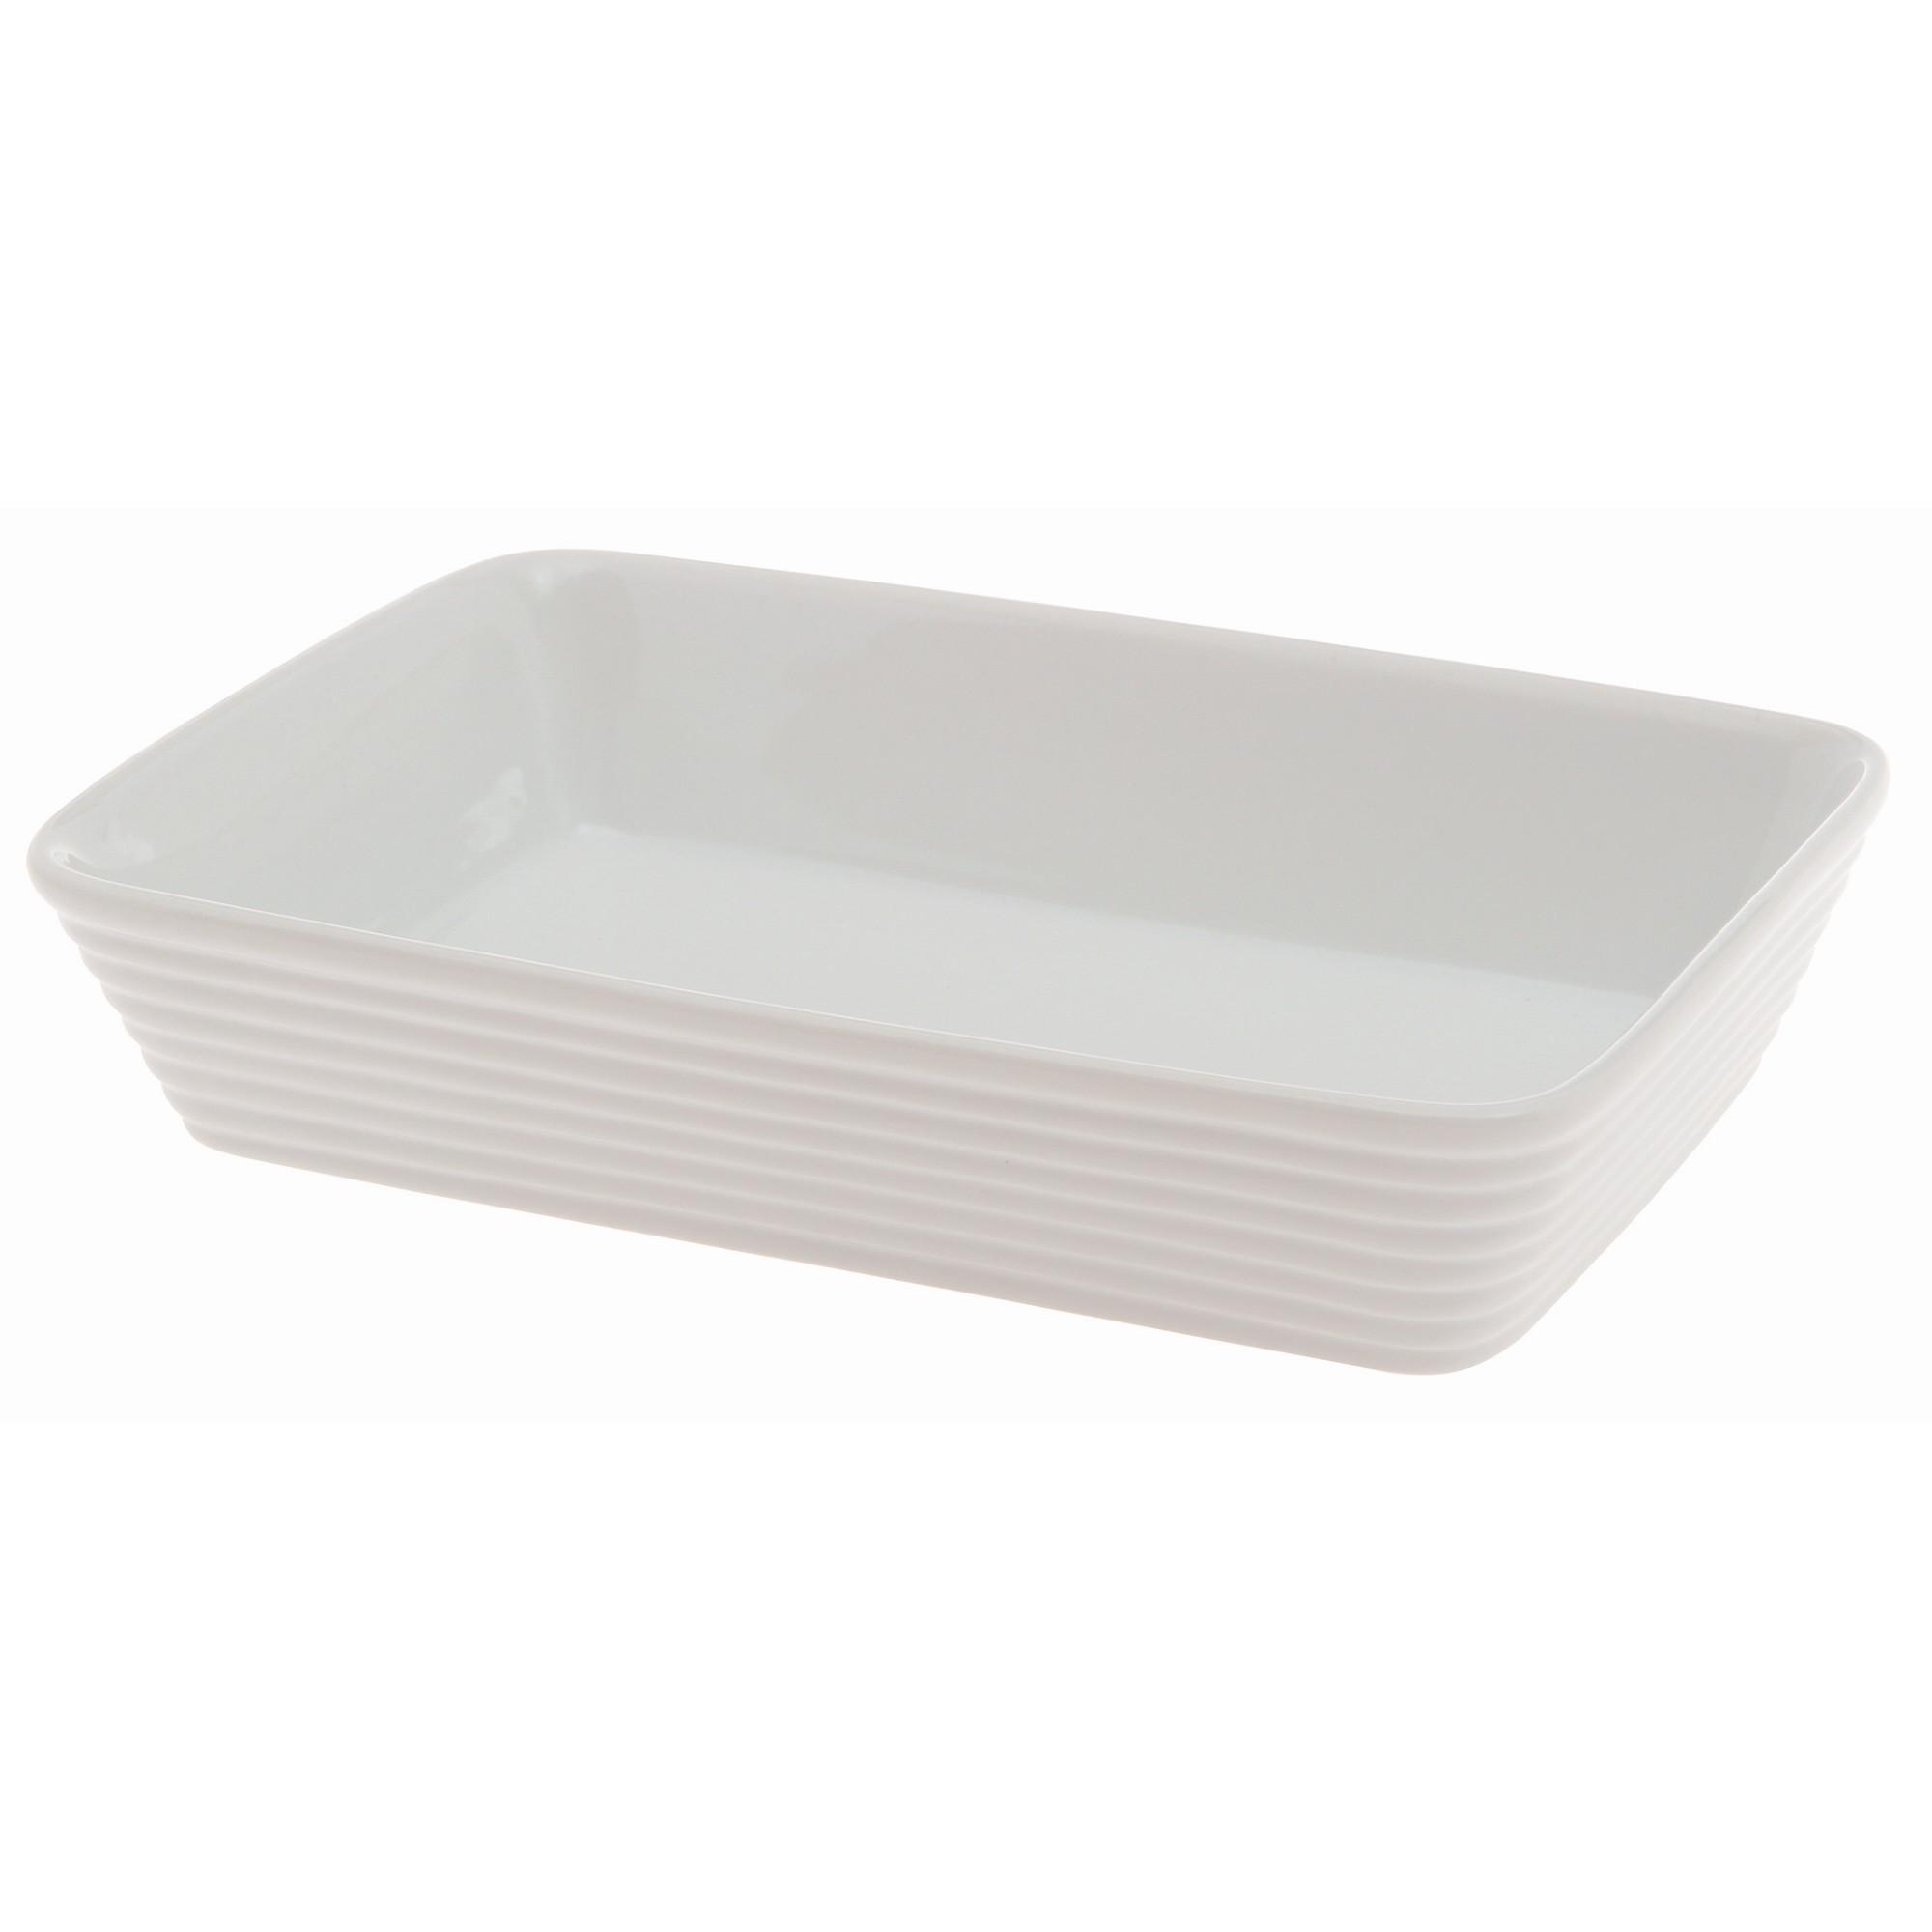 Travessa de Porcelana 18cm Branco - Casa Ambiente